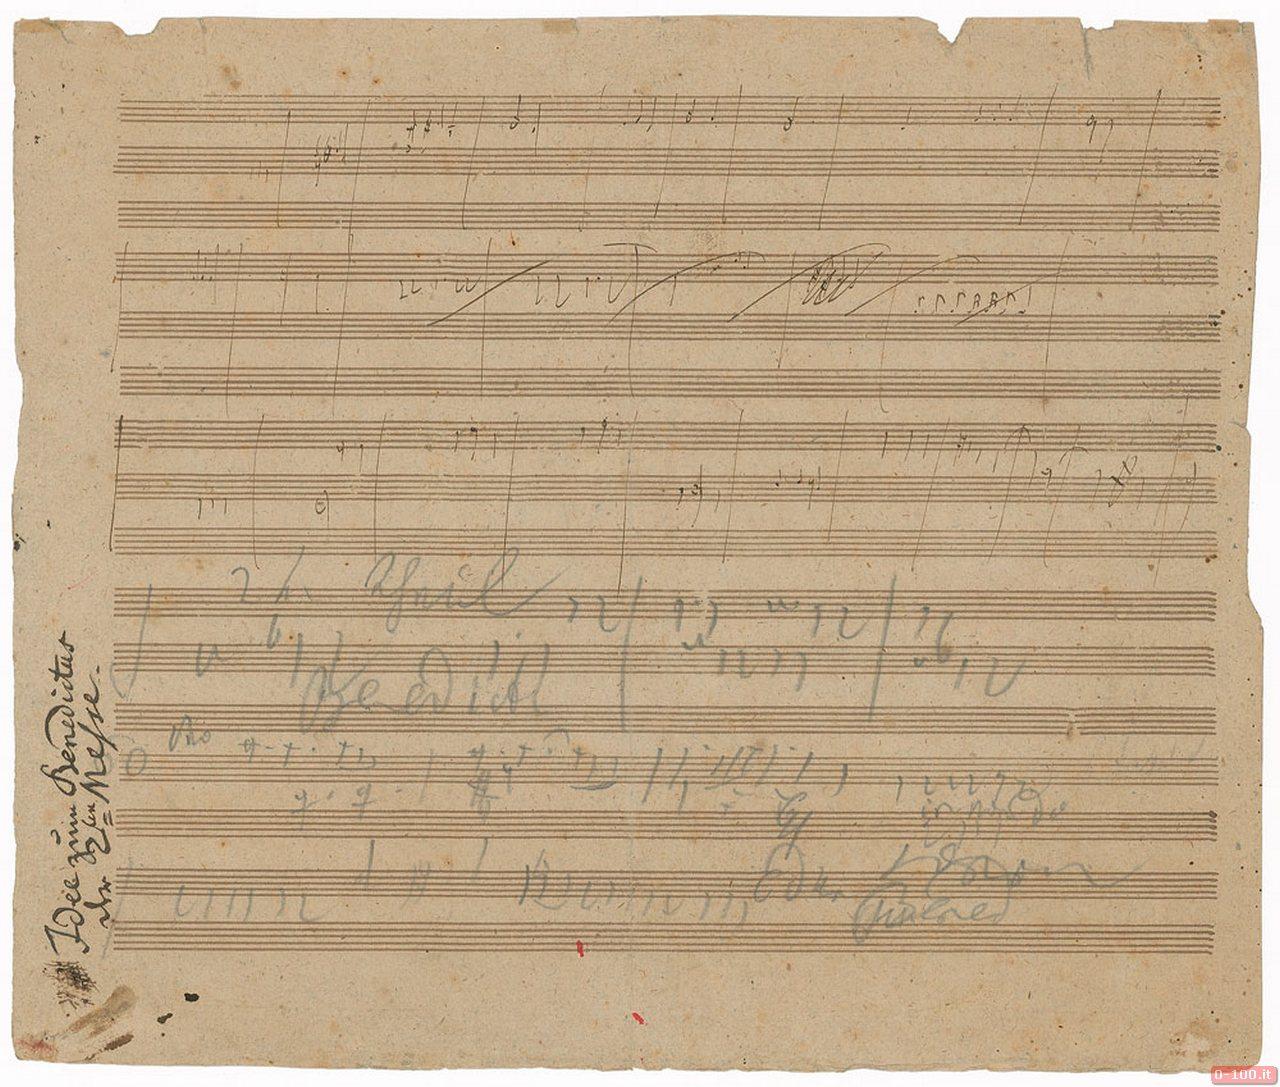 allasta-da-rr-action-un-raro-e-straordinario-manoscritto-di-ludwig-van-beethoven-0-100_2